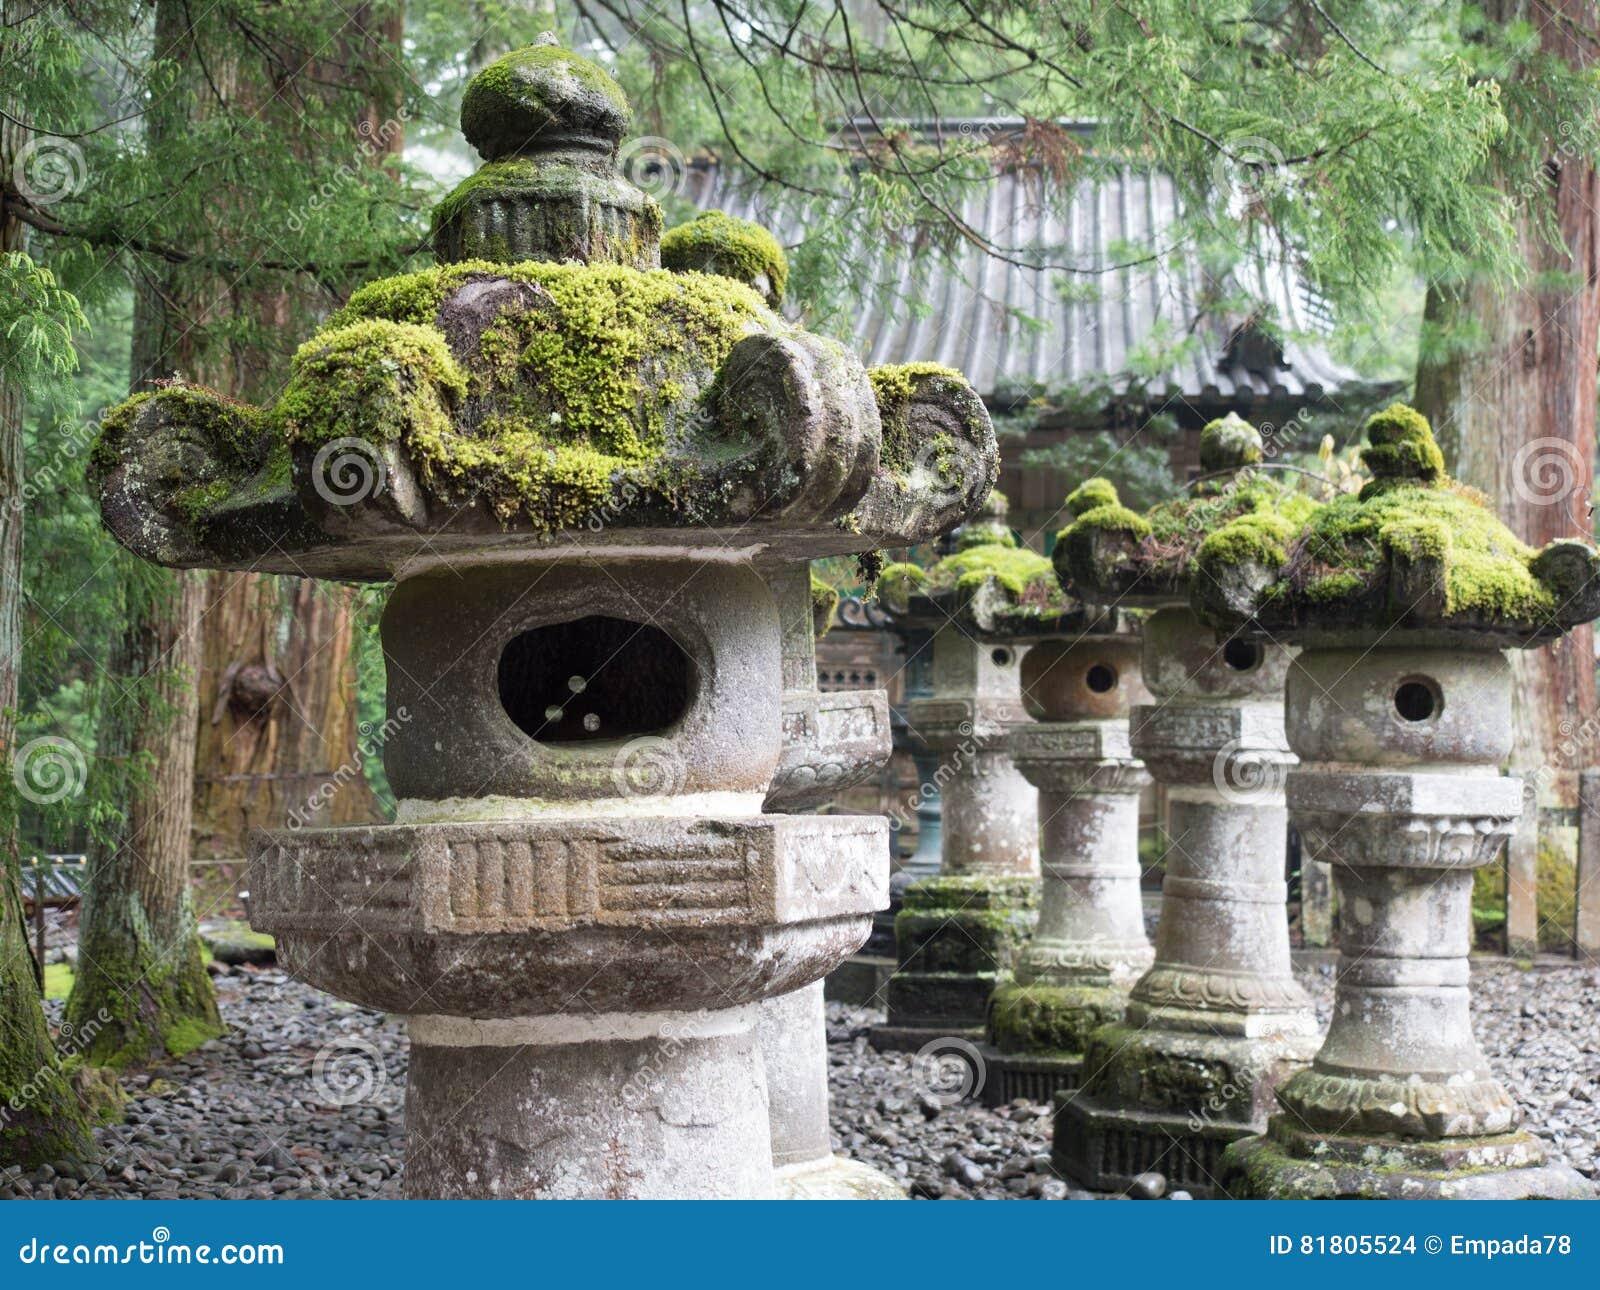 Мох покрыл каменные статуи в саде камешка